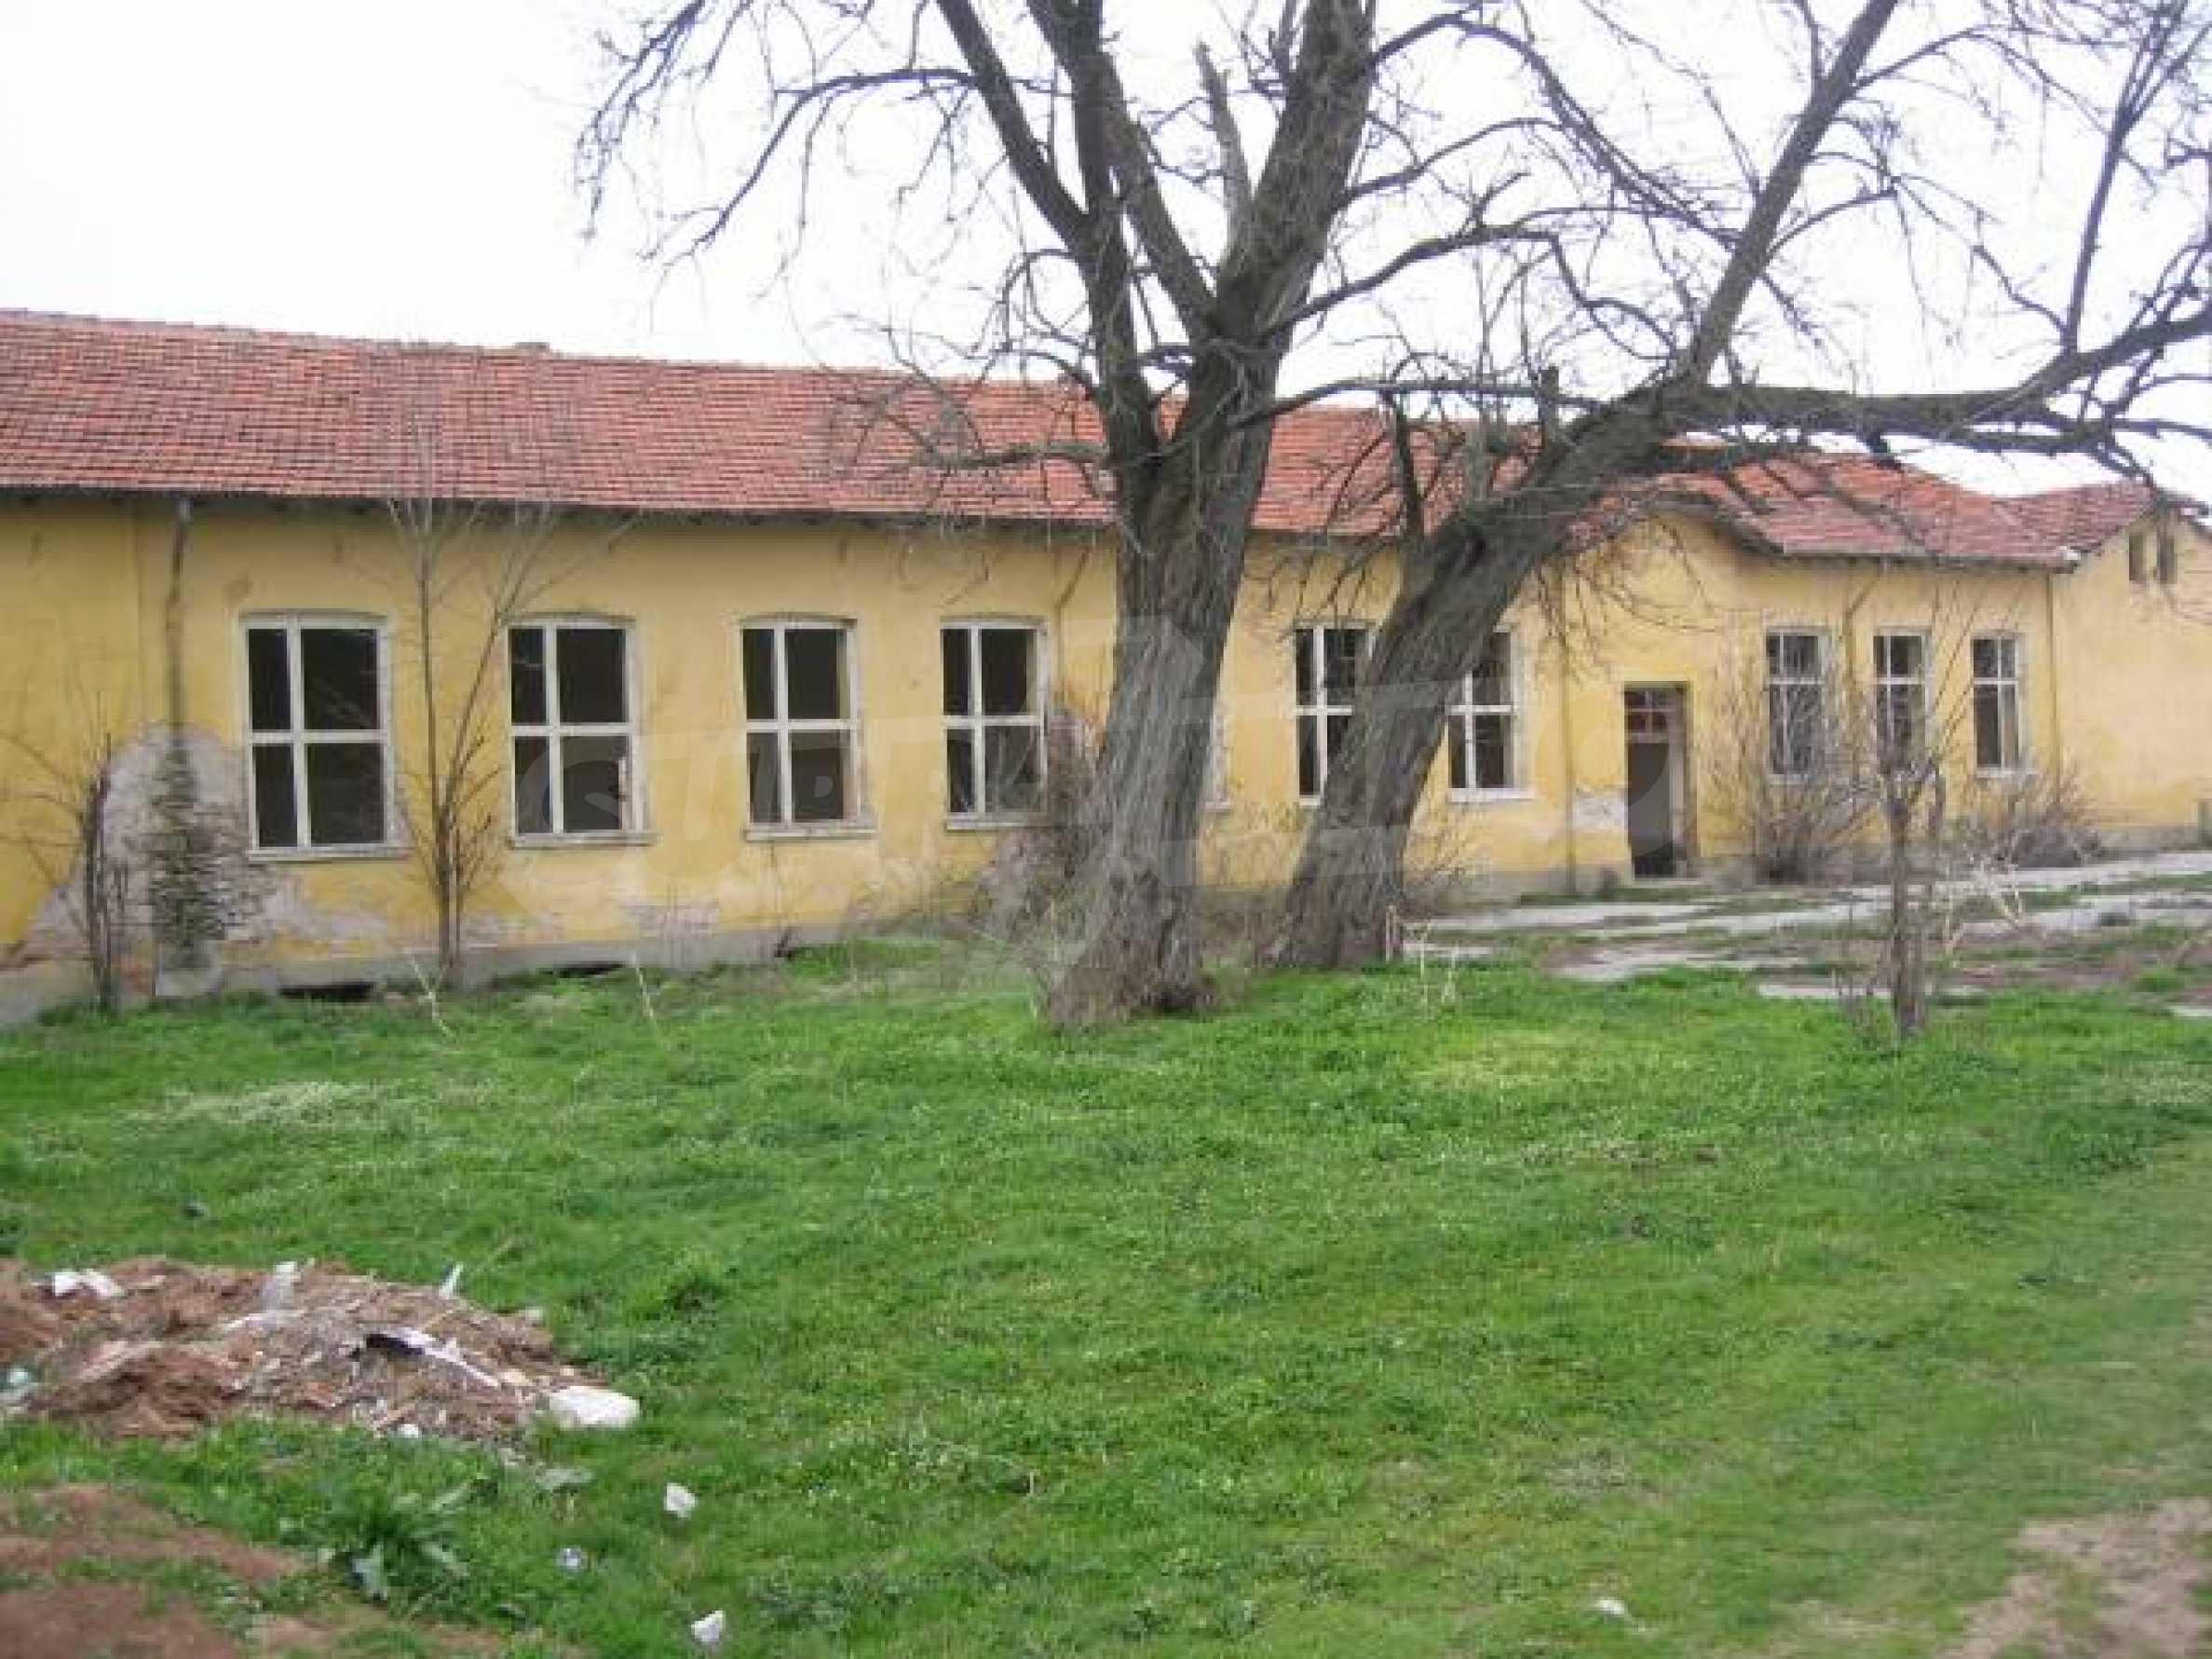 Другой тип недвижимости вблизи г. Хасково 3